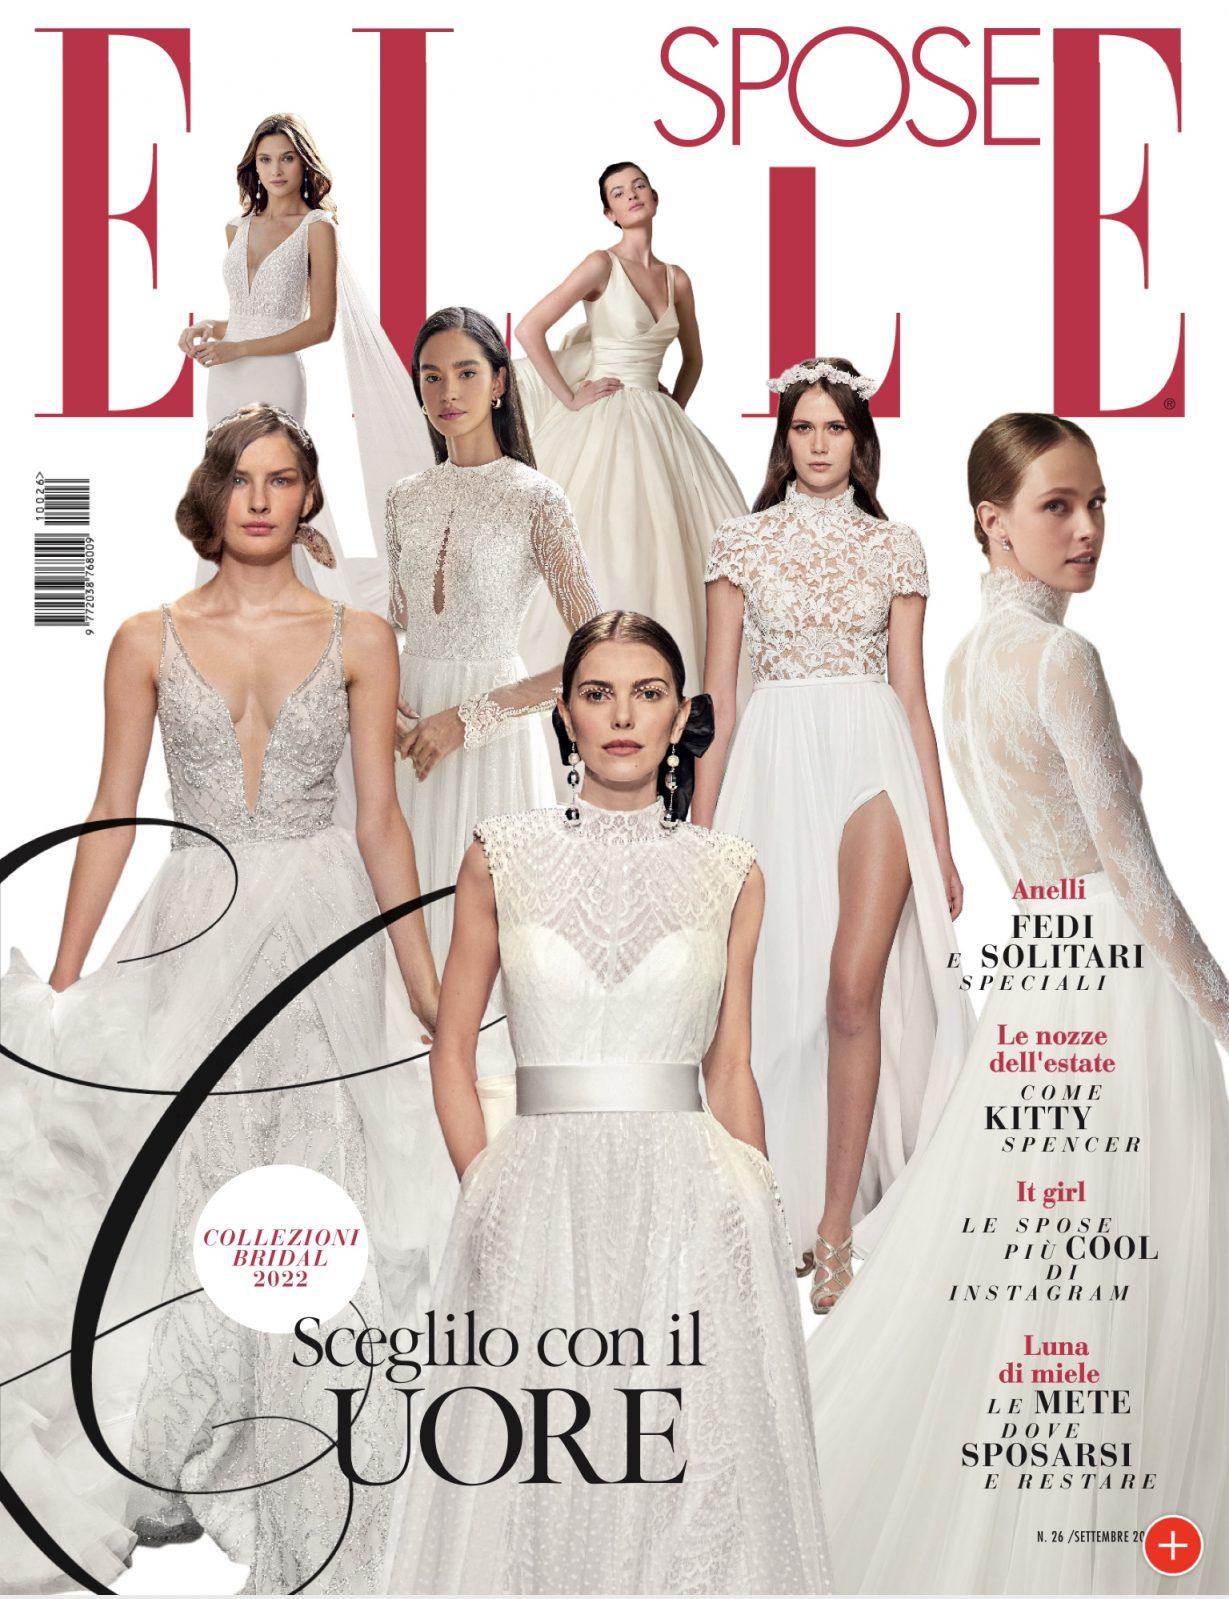 Cover Elle Spose Sett 2021